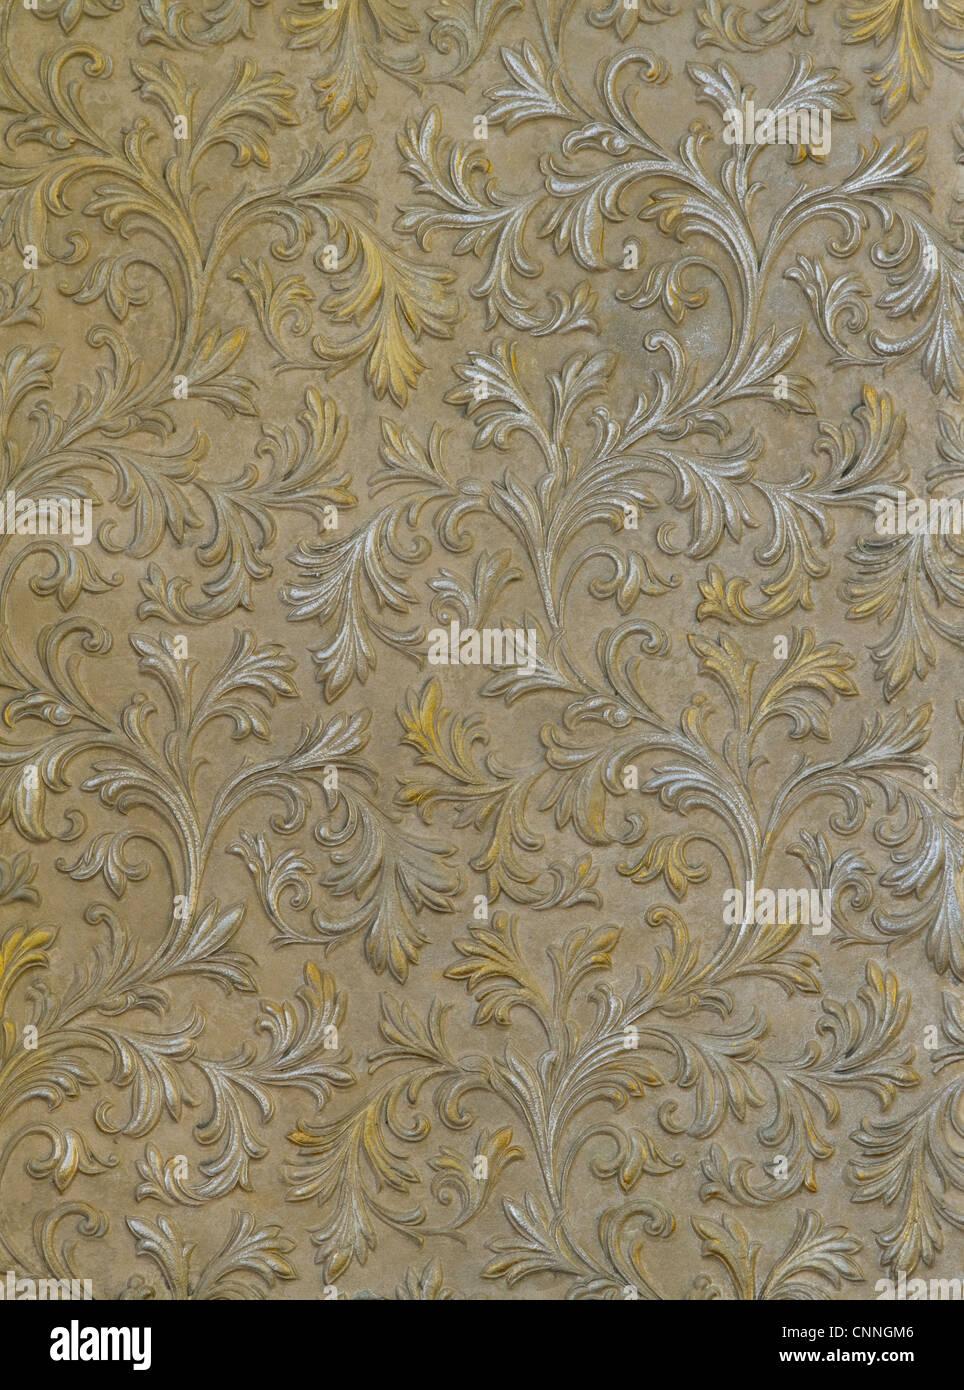 Fragmento de la pared de cemento de la hojas de oro y plata Imagen De Stock